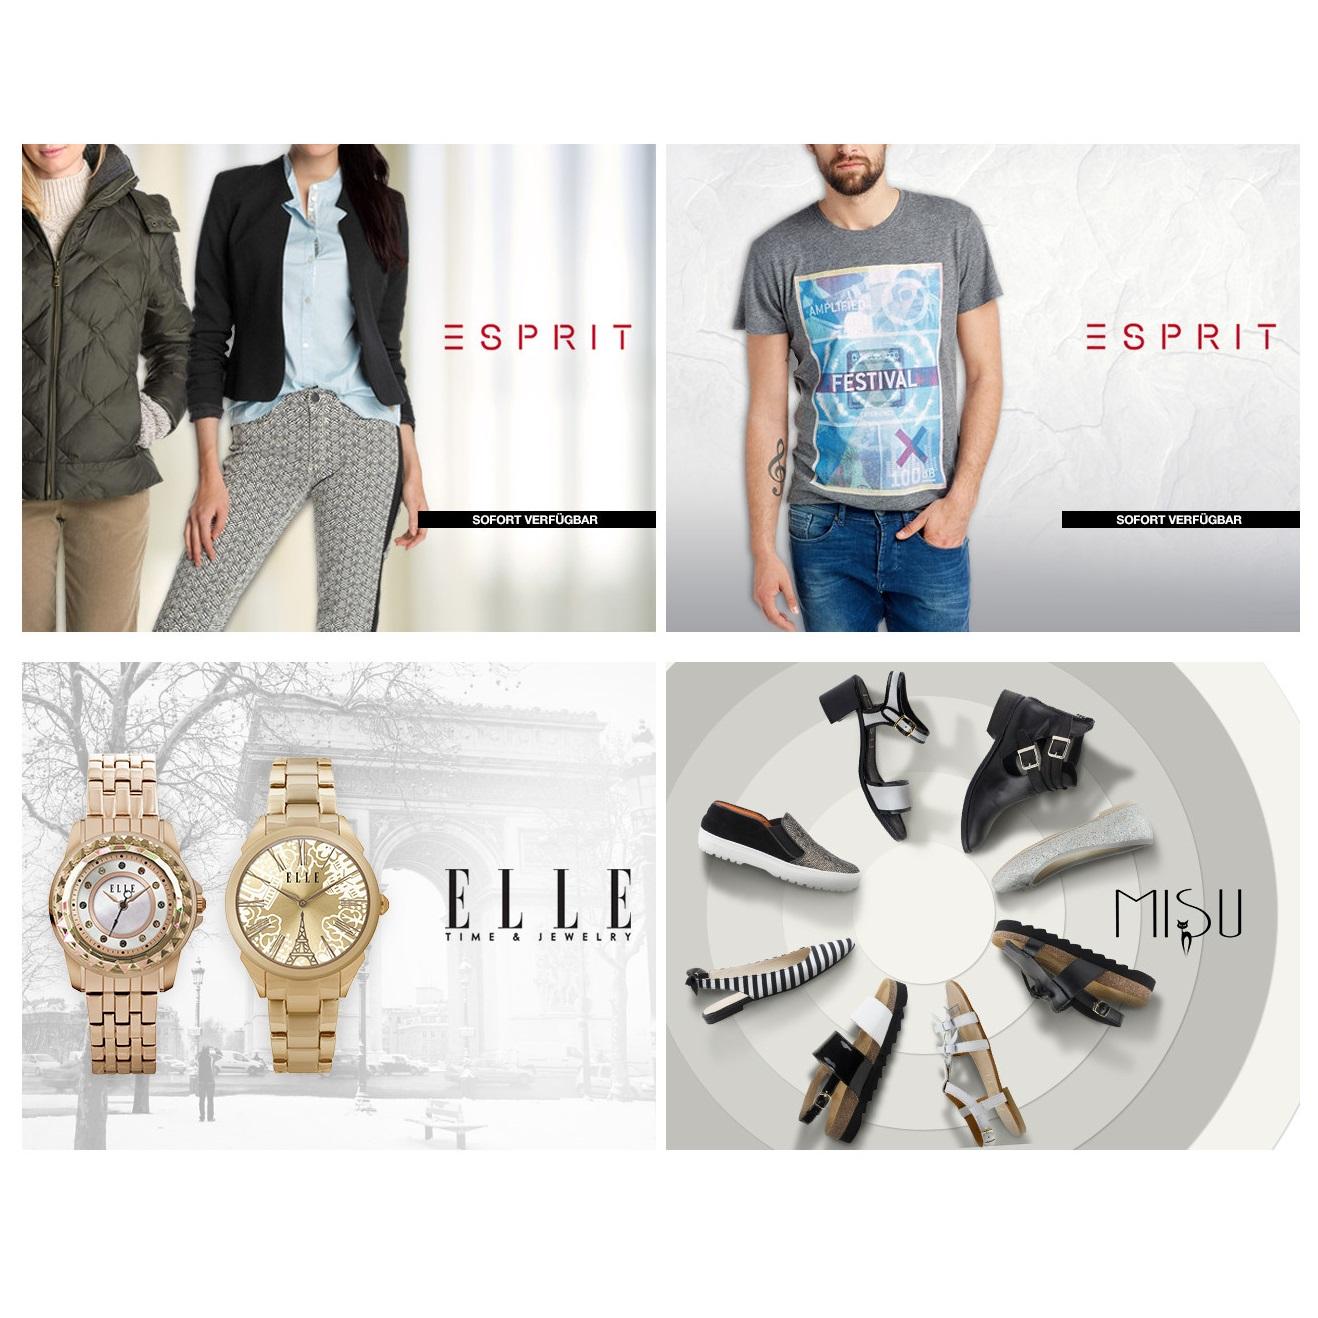 Esprit男女服饰及童装/Misu女鞋/Elle男女腕表